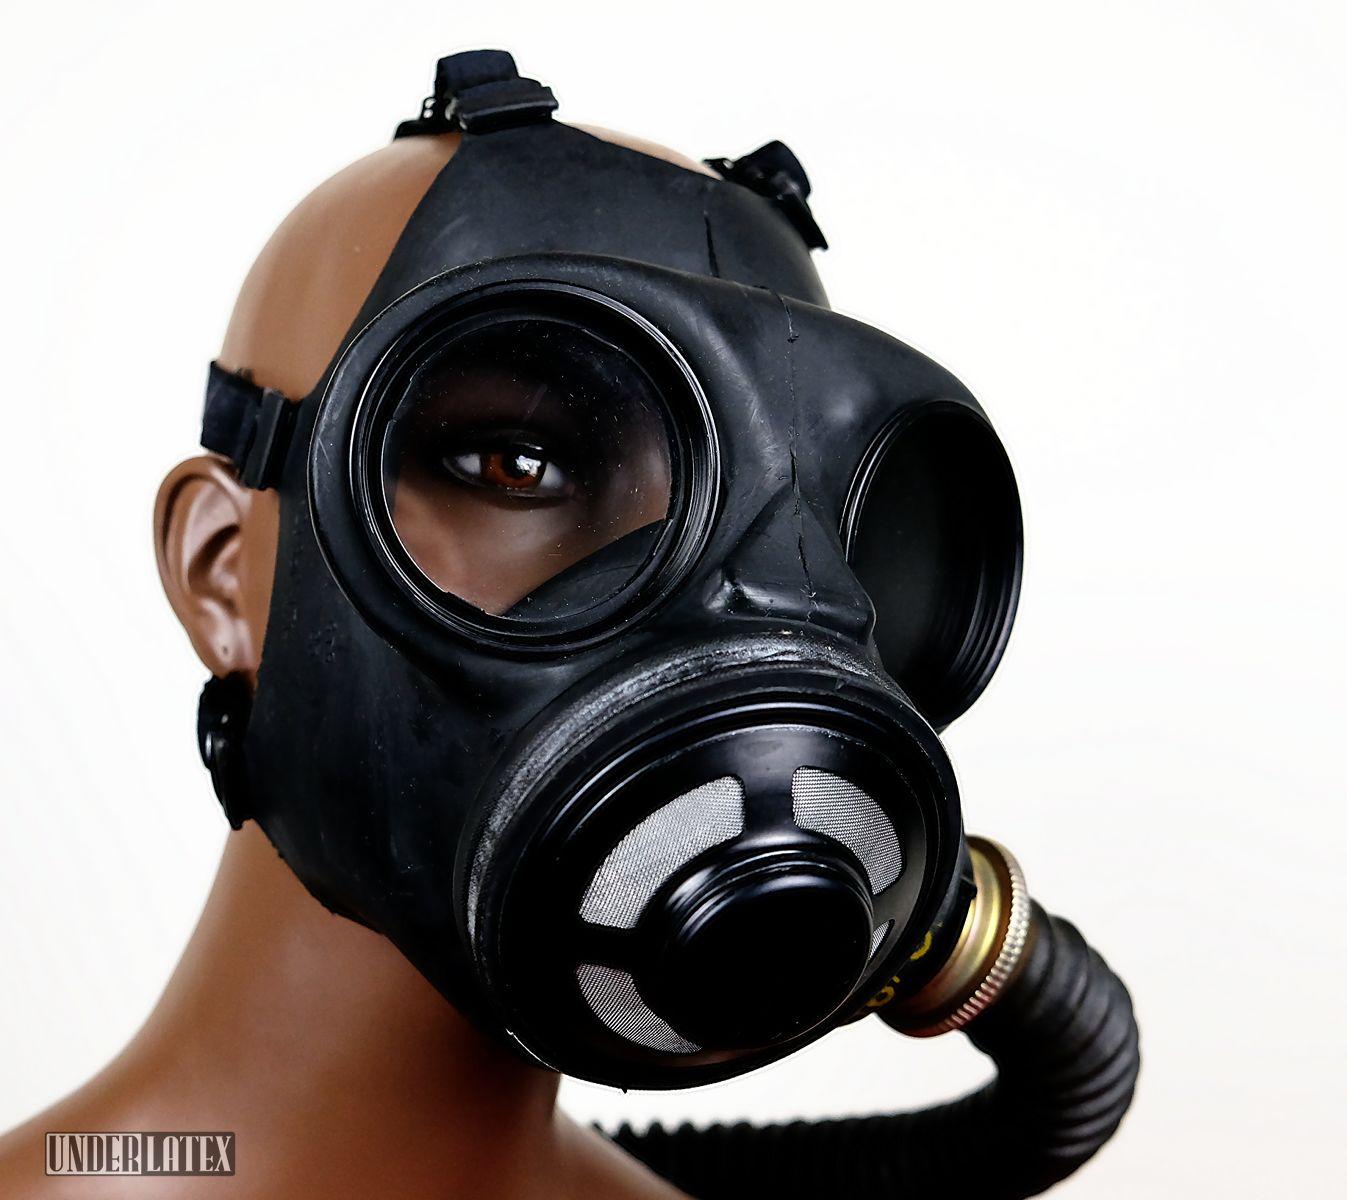 Kanadische Gasmaske C3 in schwarz mit Faltenschlauch aus schwarzem Latex im Profil von von vorn unten gesehen, das Ausatemventil im Detail